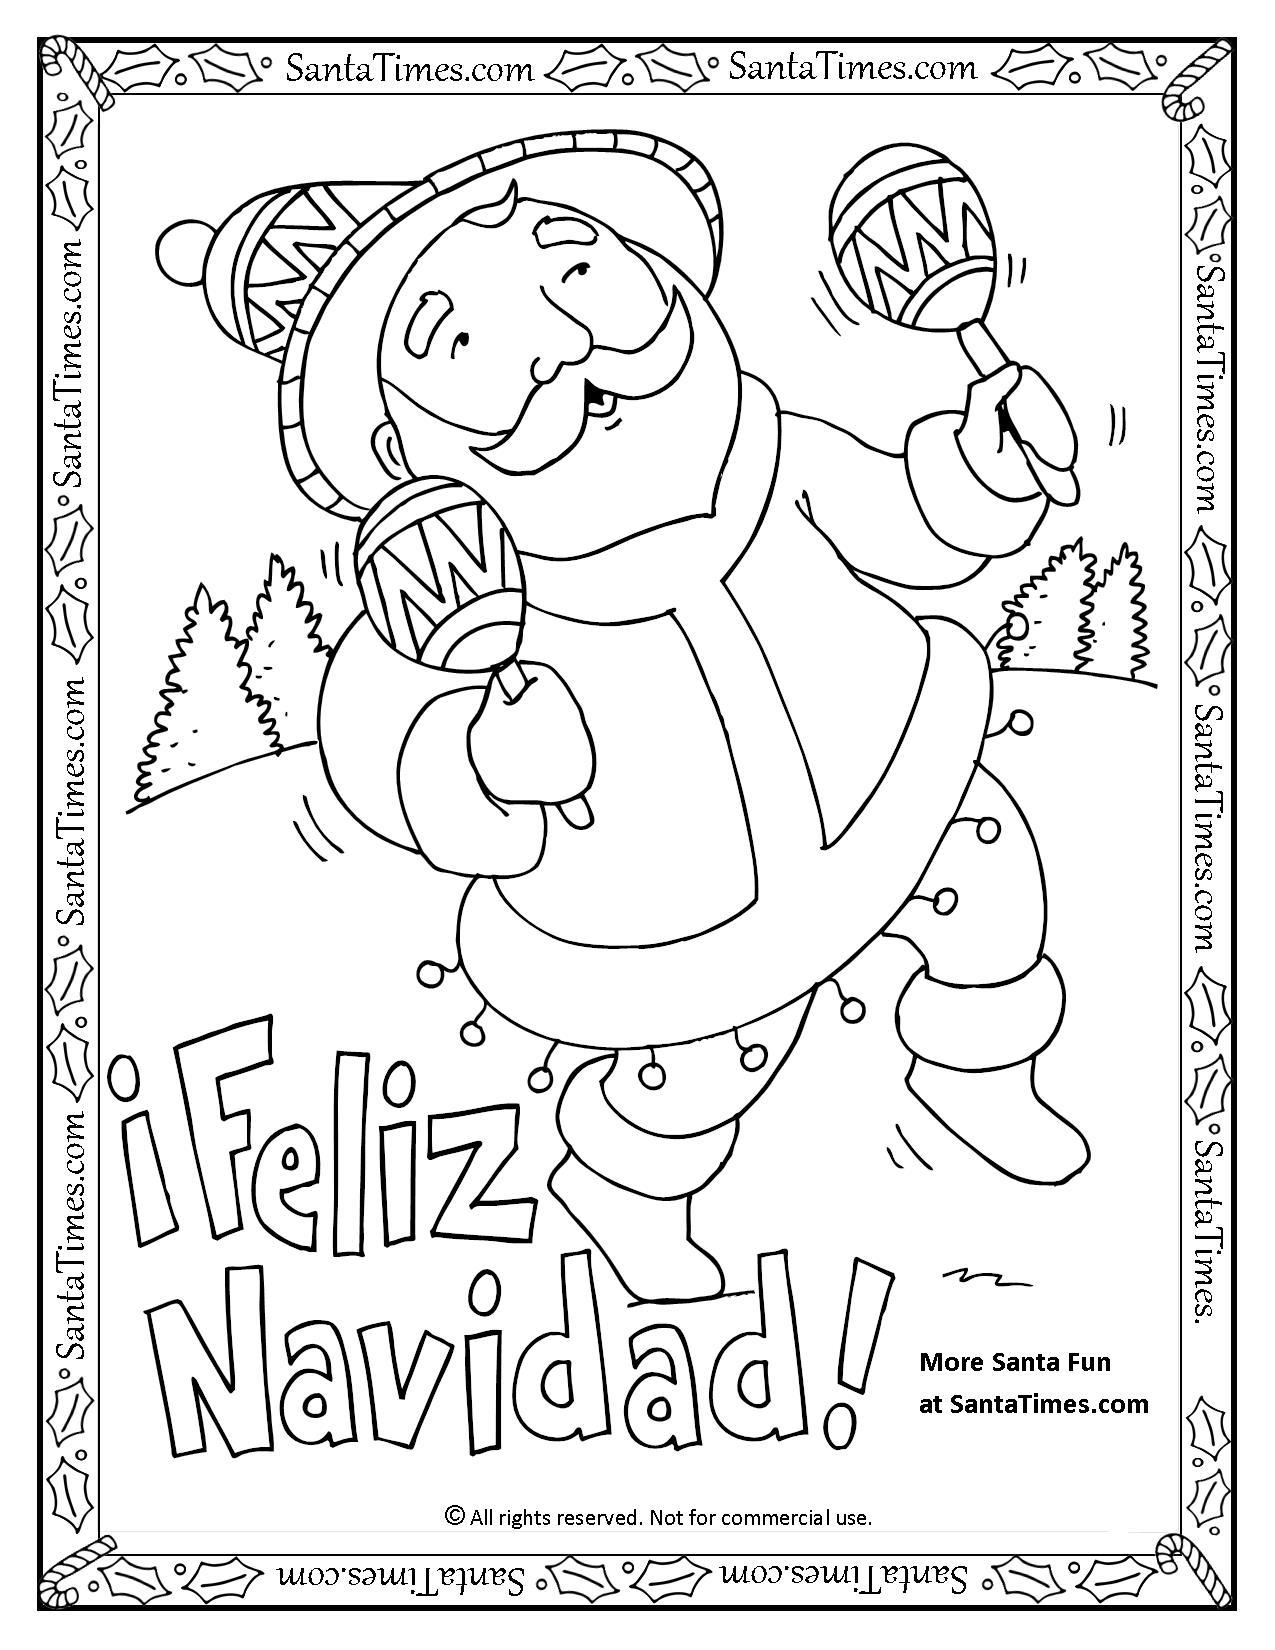 Feliz Navidad Printable Coloring Page